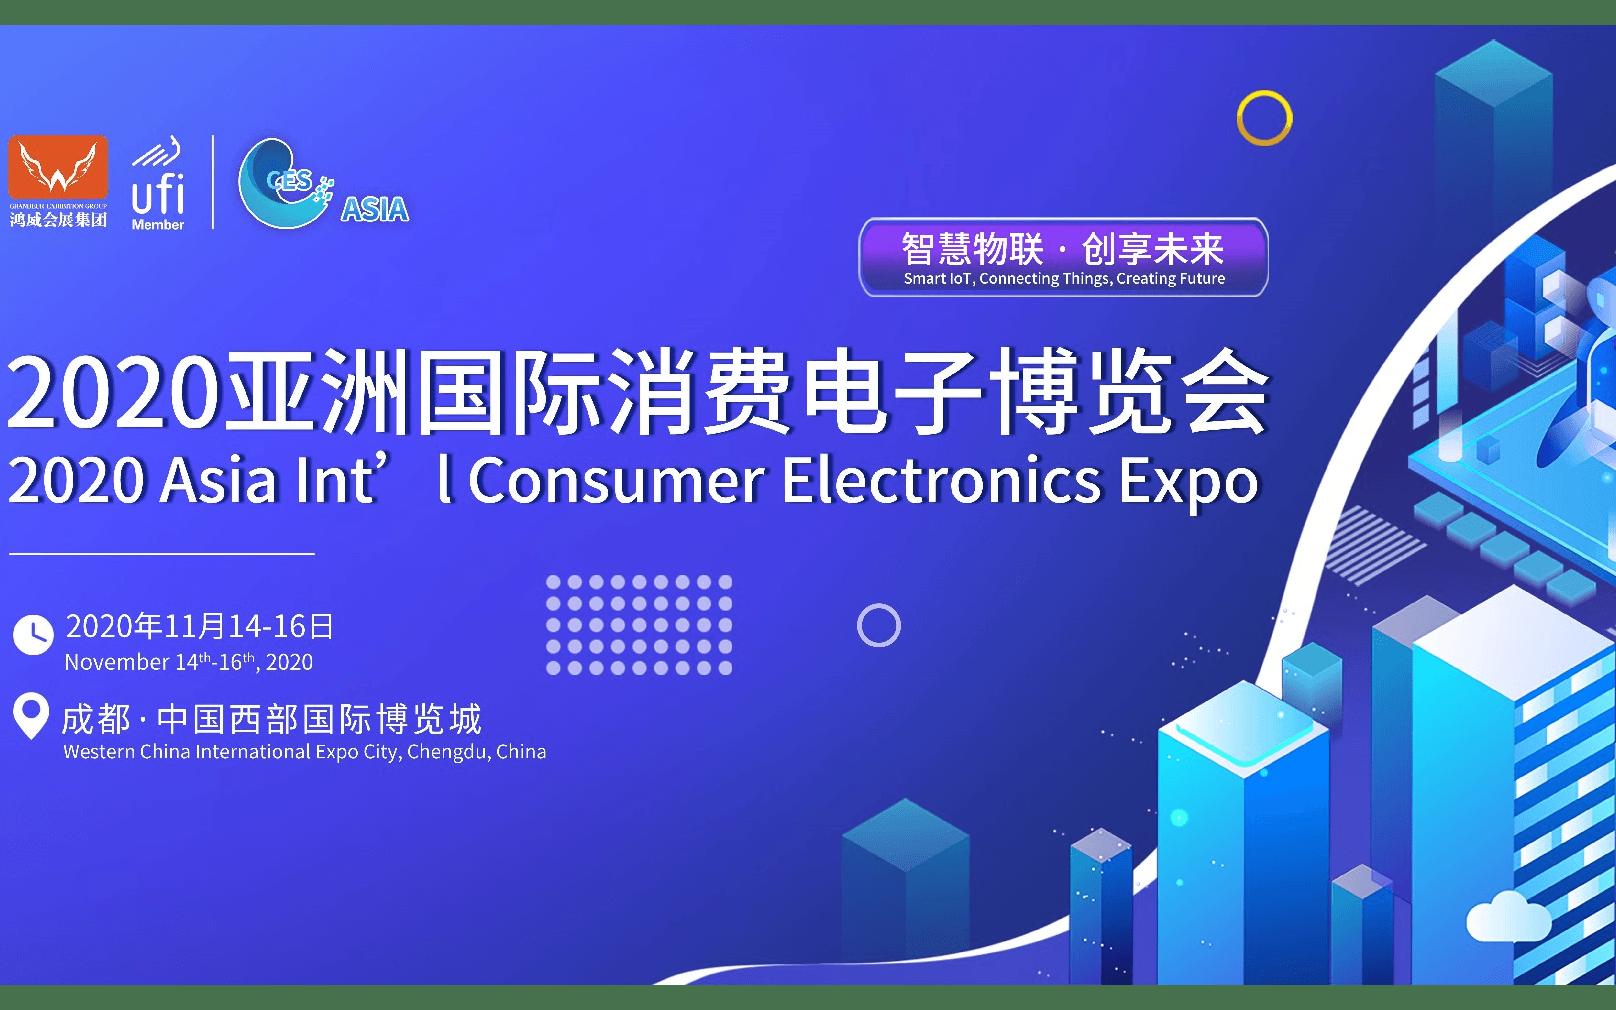 2020成都亚洲国际消费电子博览会|成都CES